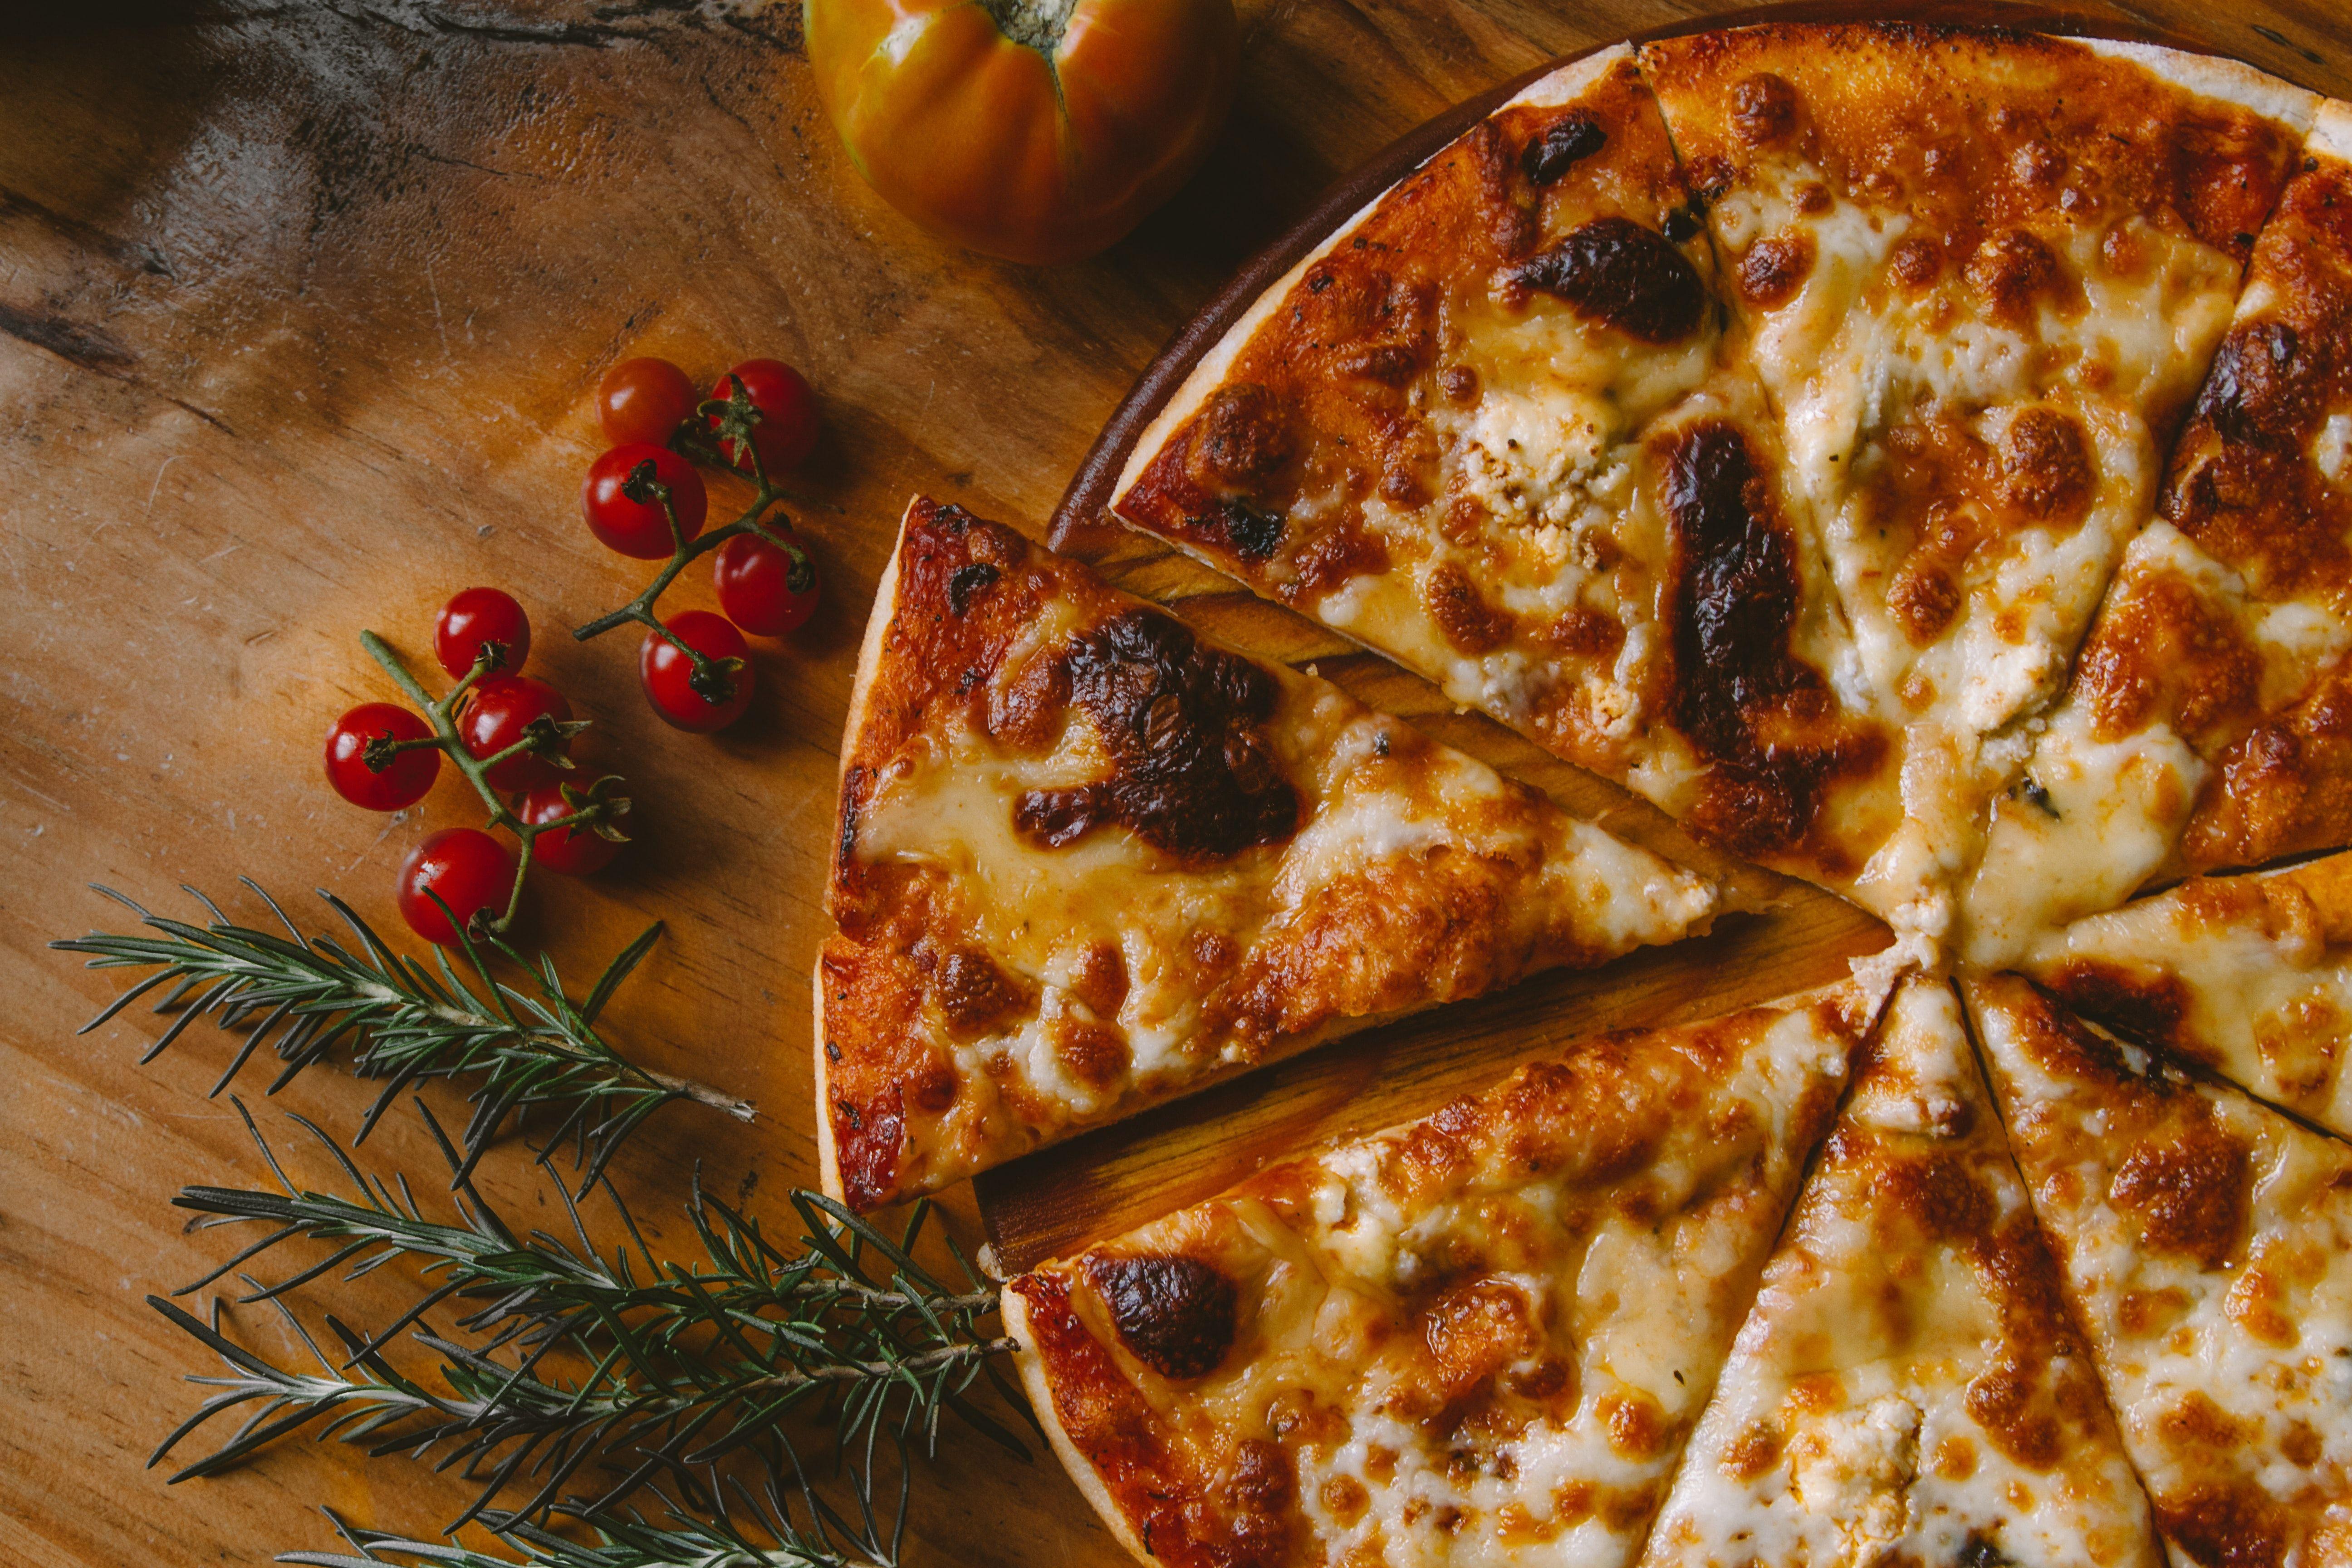 I migliori forno pizza da regalare nelle feste di Natale per tirare fuori il vostro